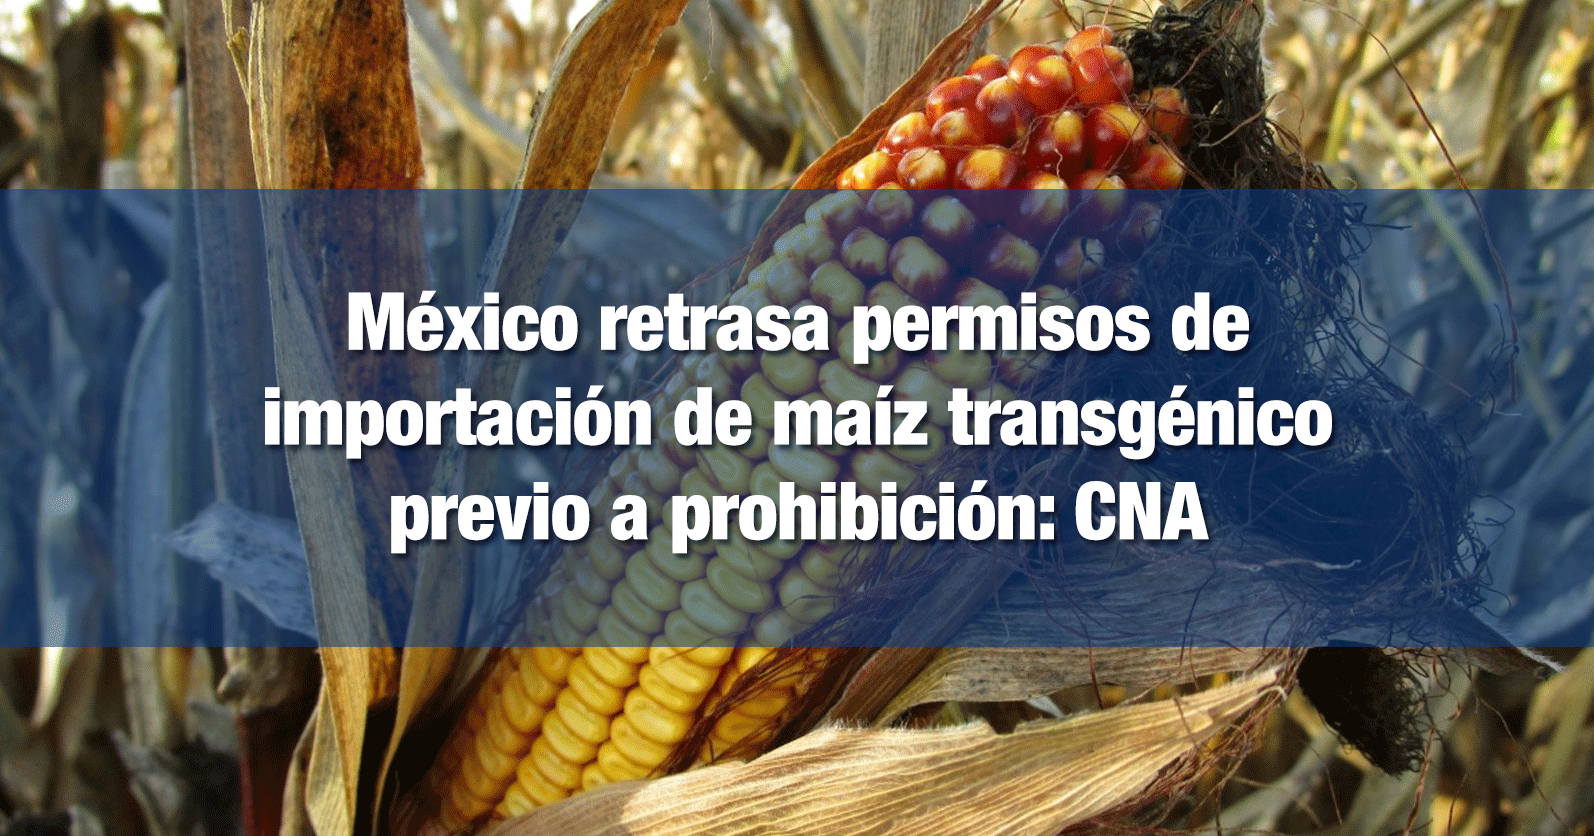 México retrasa permisos de importación de maíz transgénico previo a prohibición: CNA